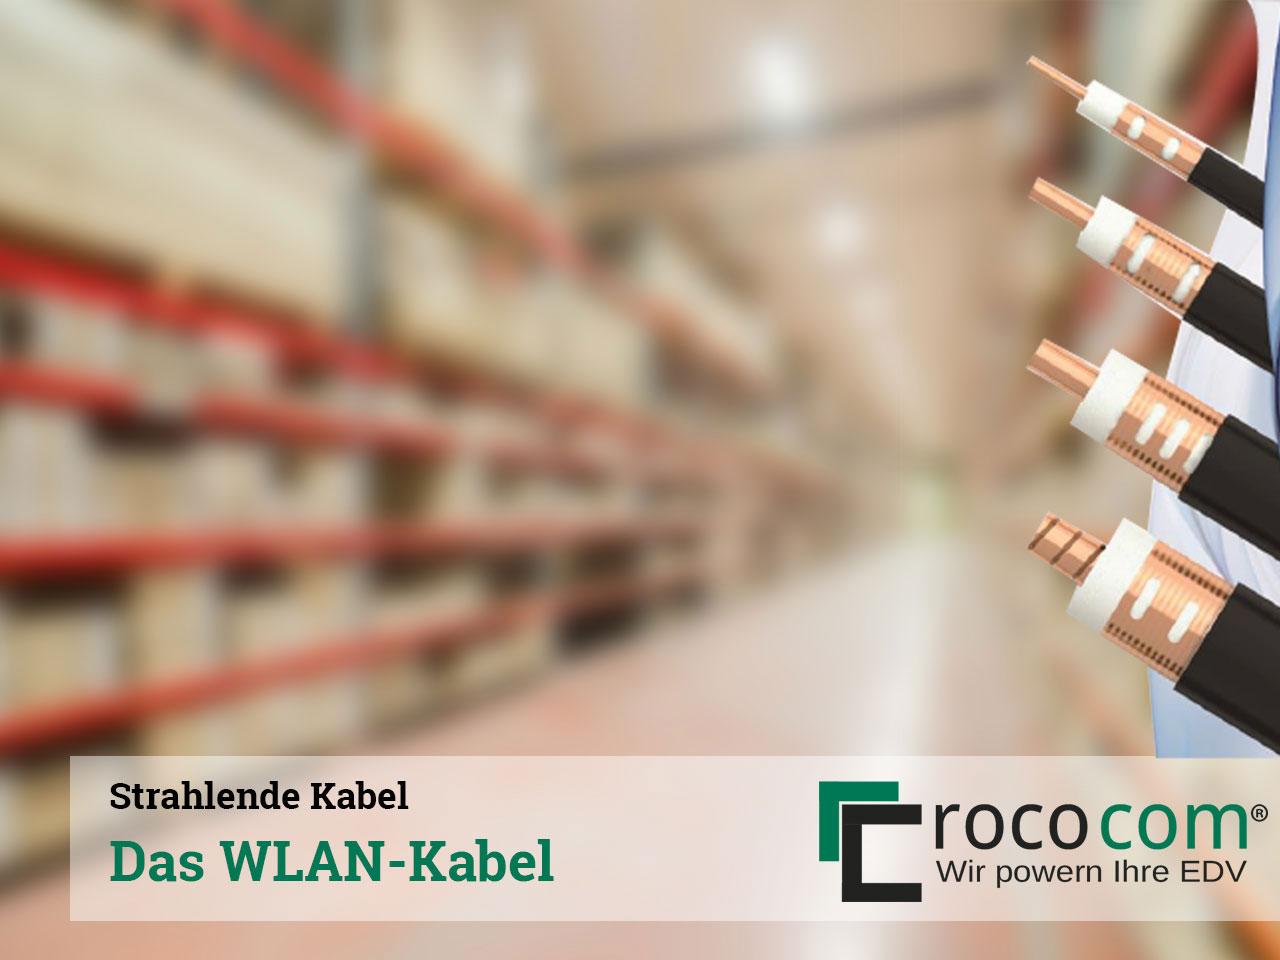 Das WLAN-Kabel